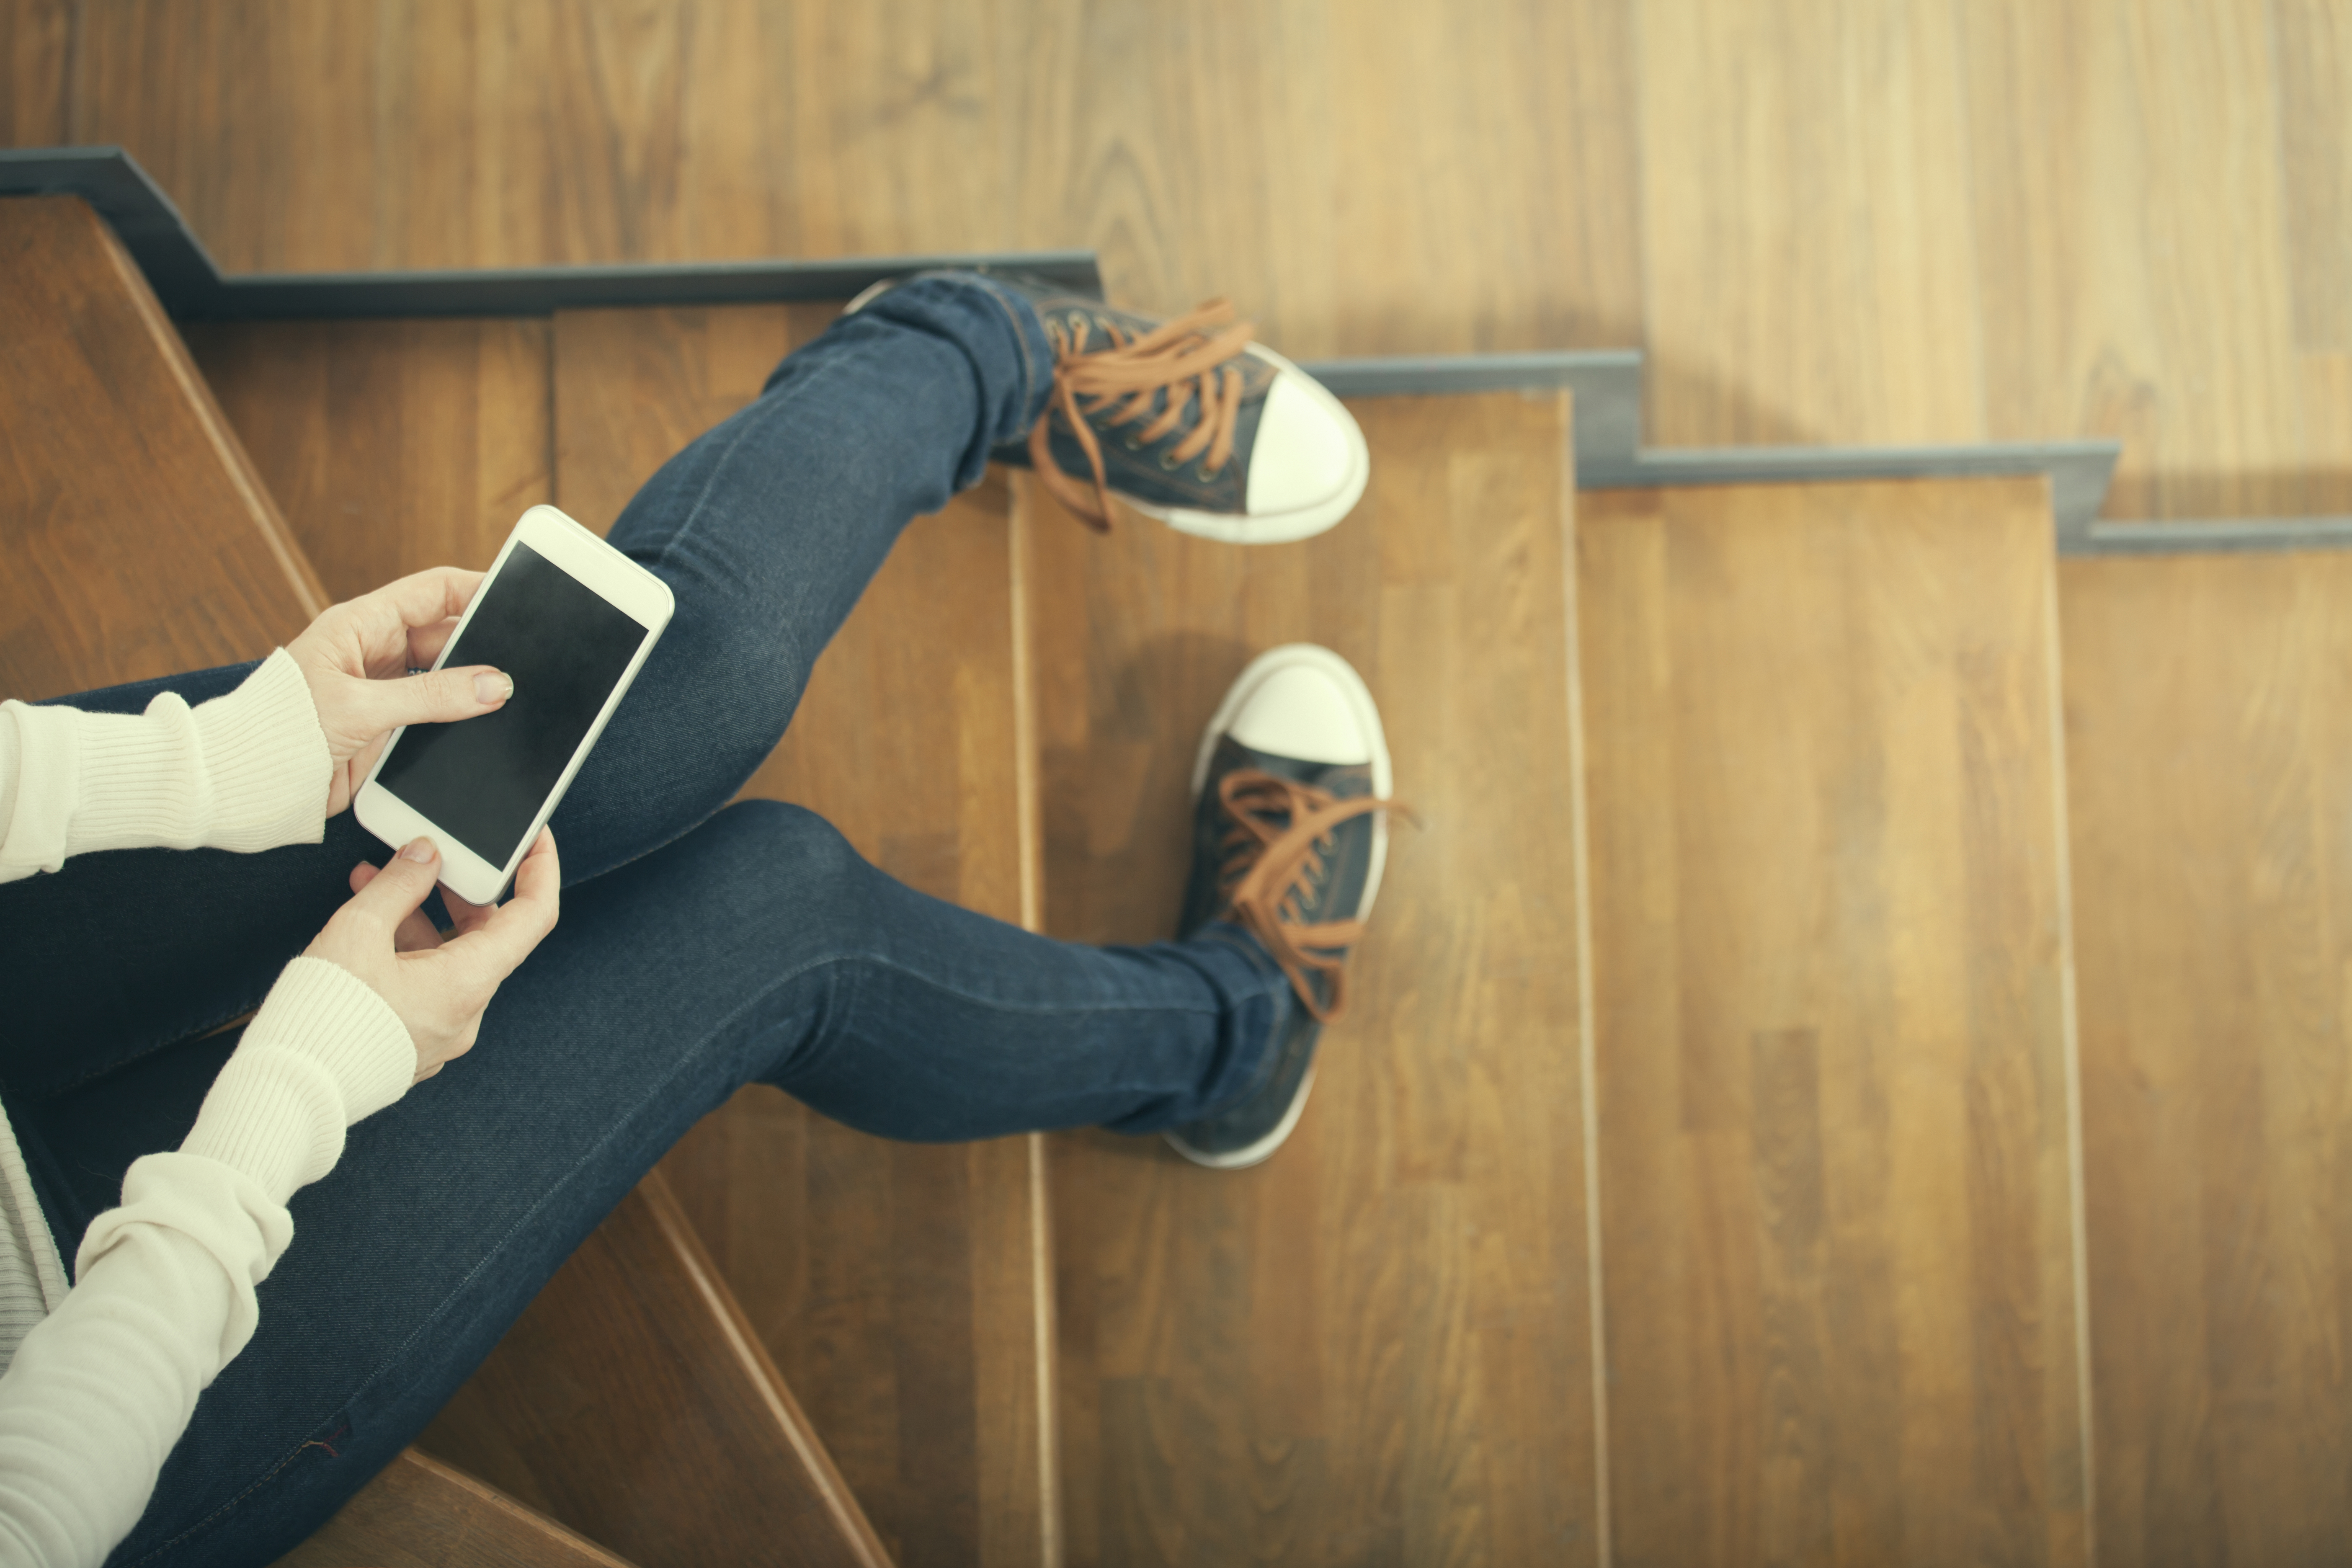 Illustrasjonsbilde, ungdom sitter og trykker på smarttelefon.